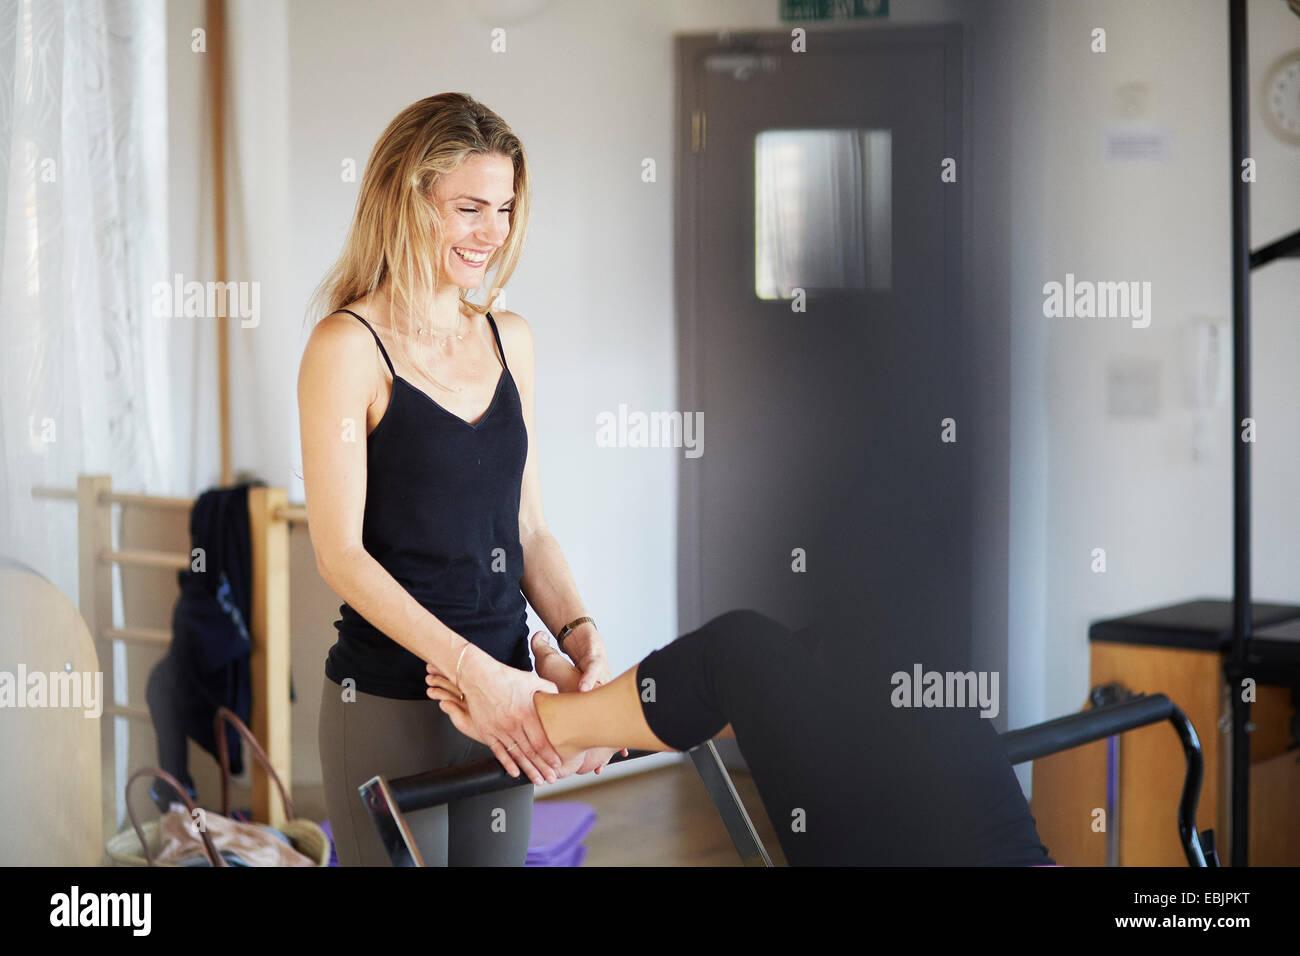 Profesor manteniendo los pies del estudiante de sexo femenino acostado sobre reformador de pilates gimnasio Imagen De Stock